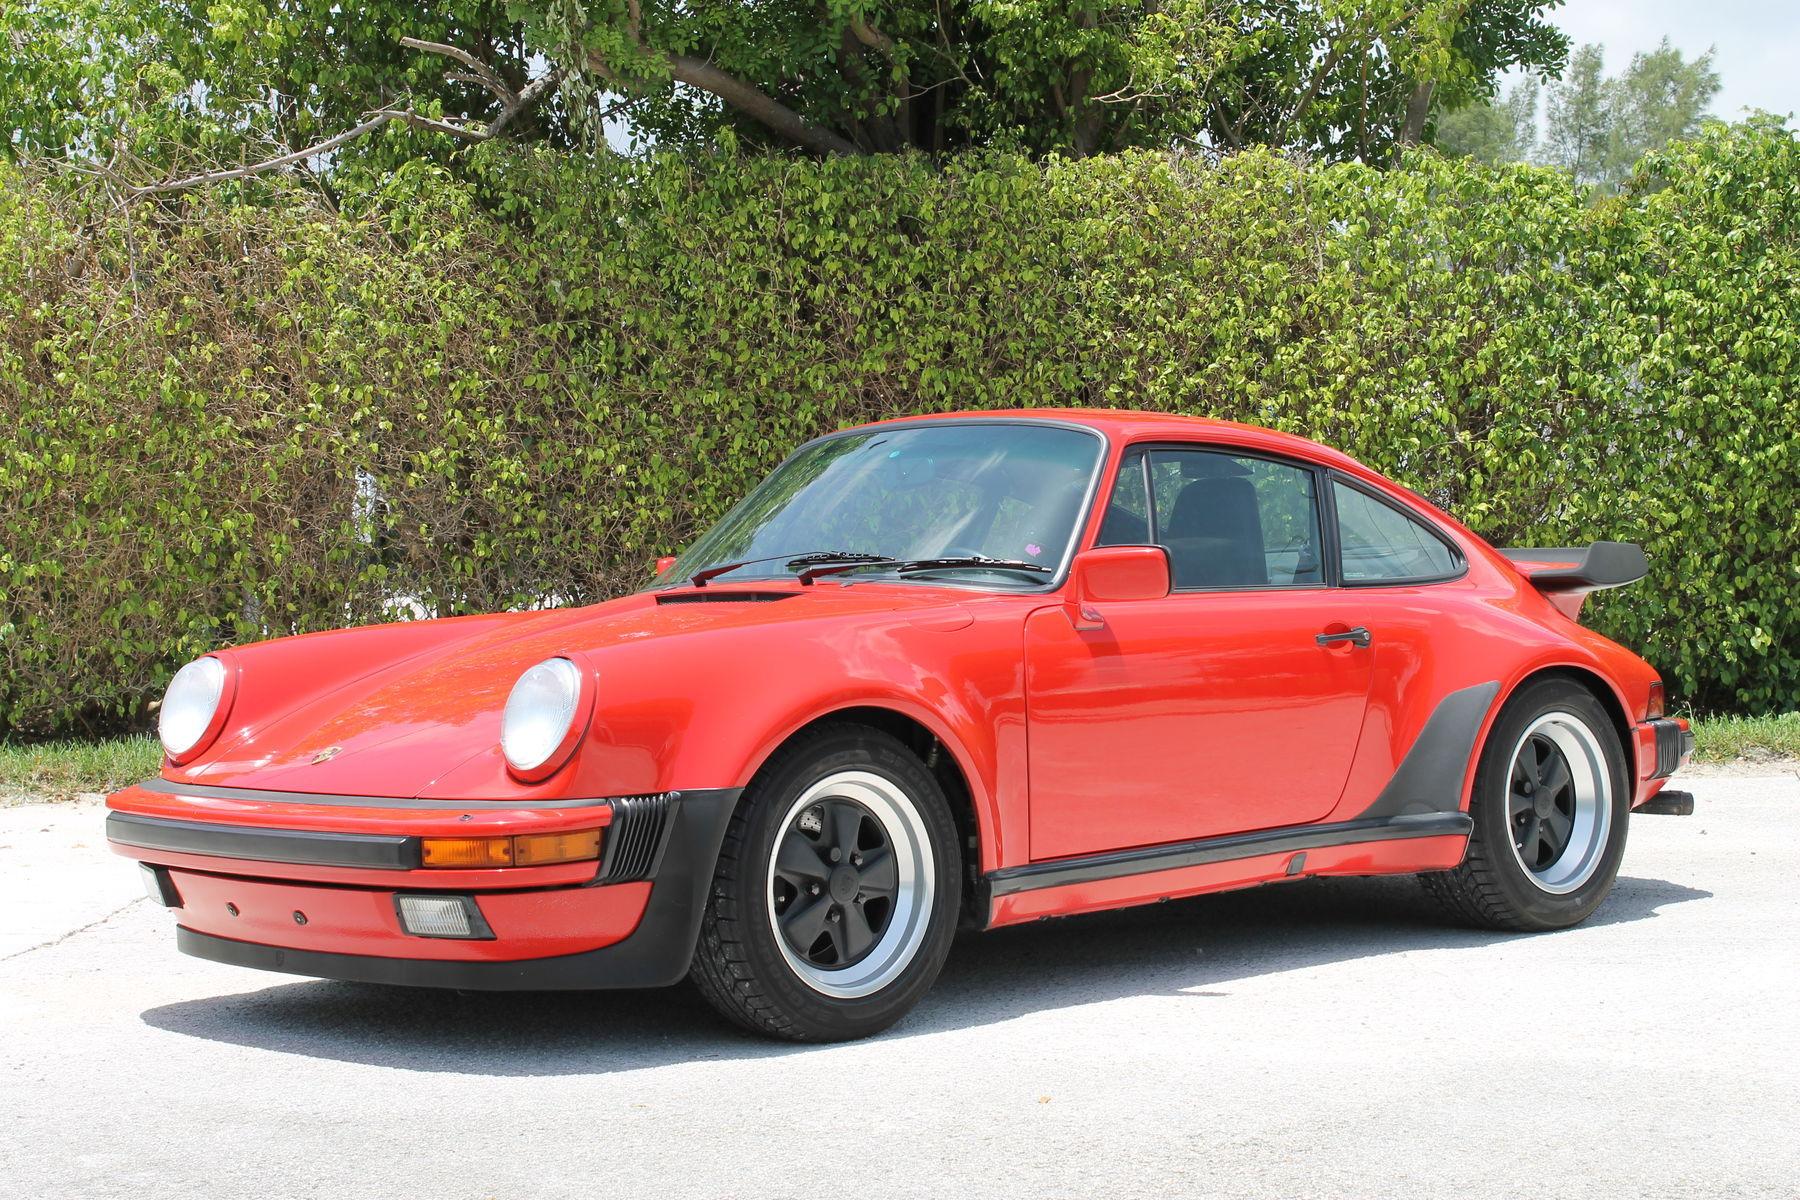 1989 Porsche 911 | Porsche 930 Turbo